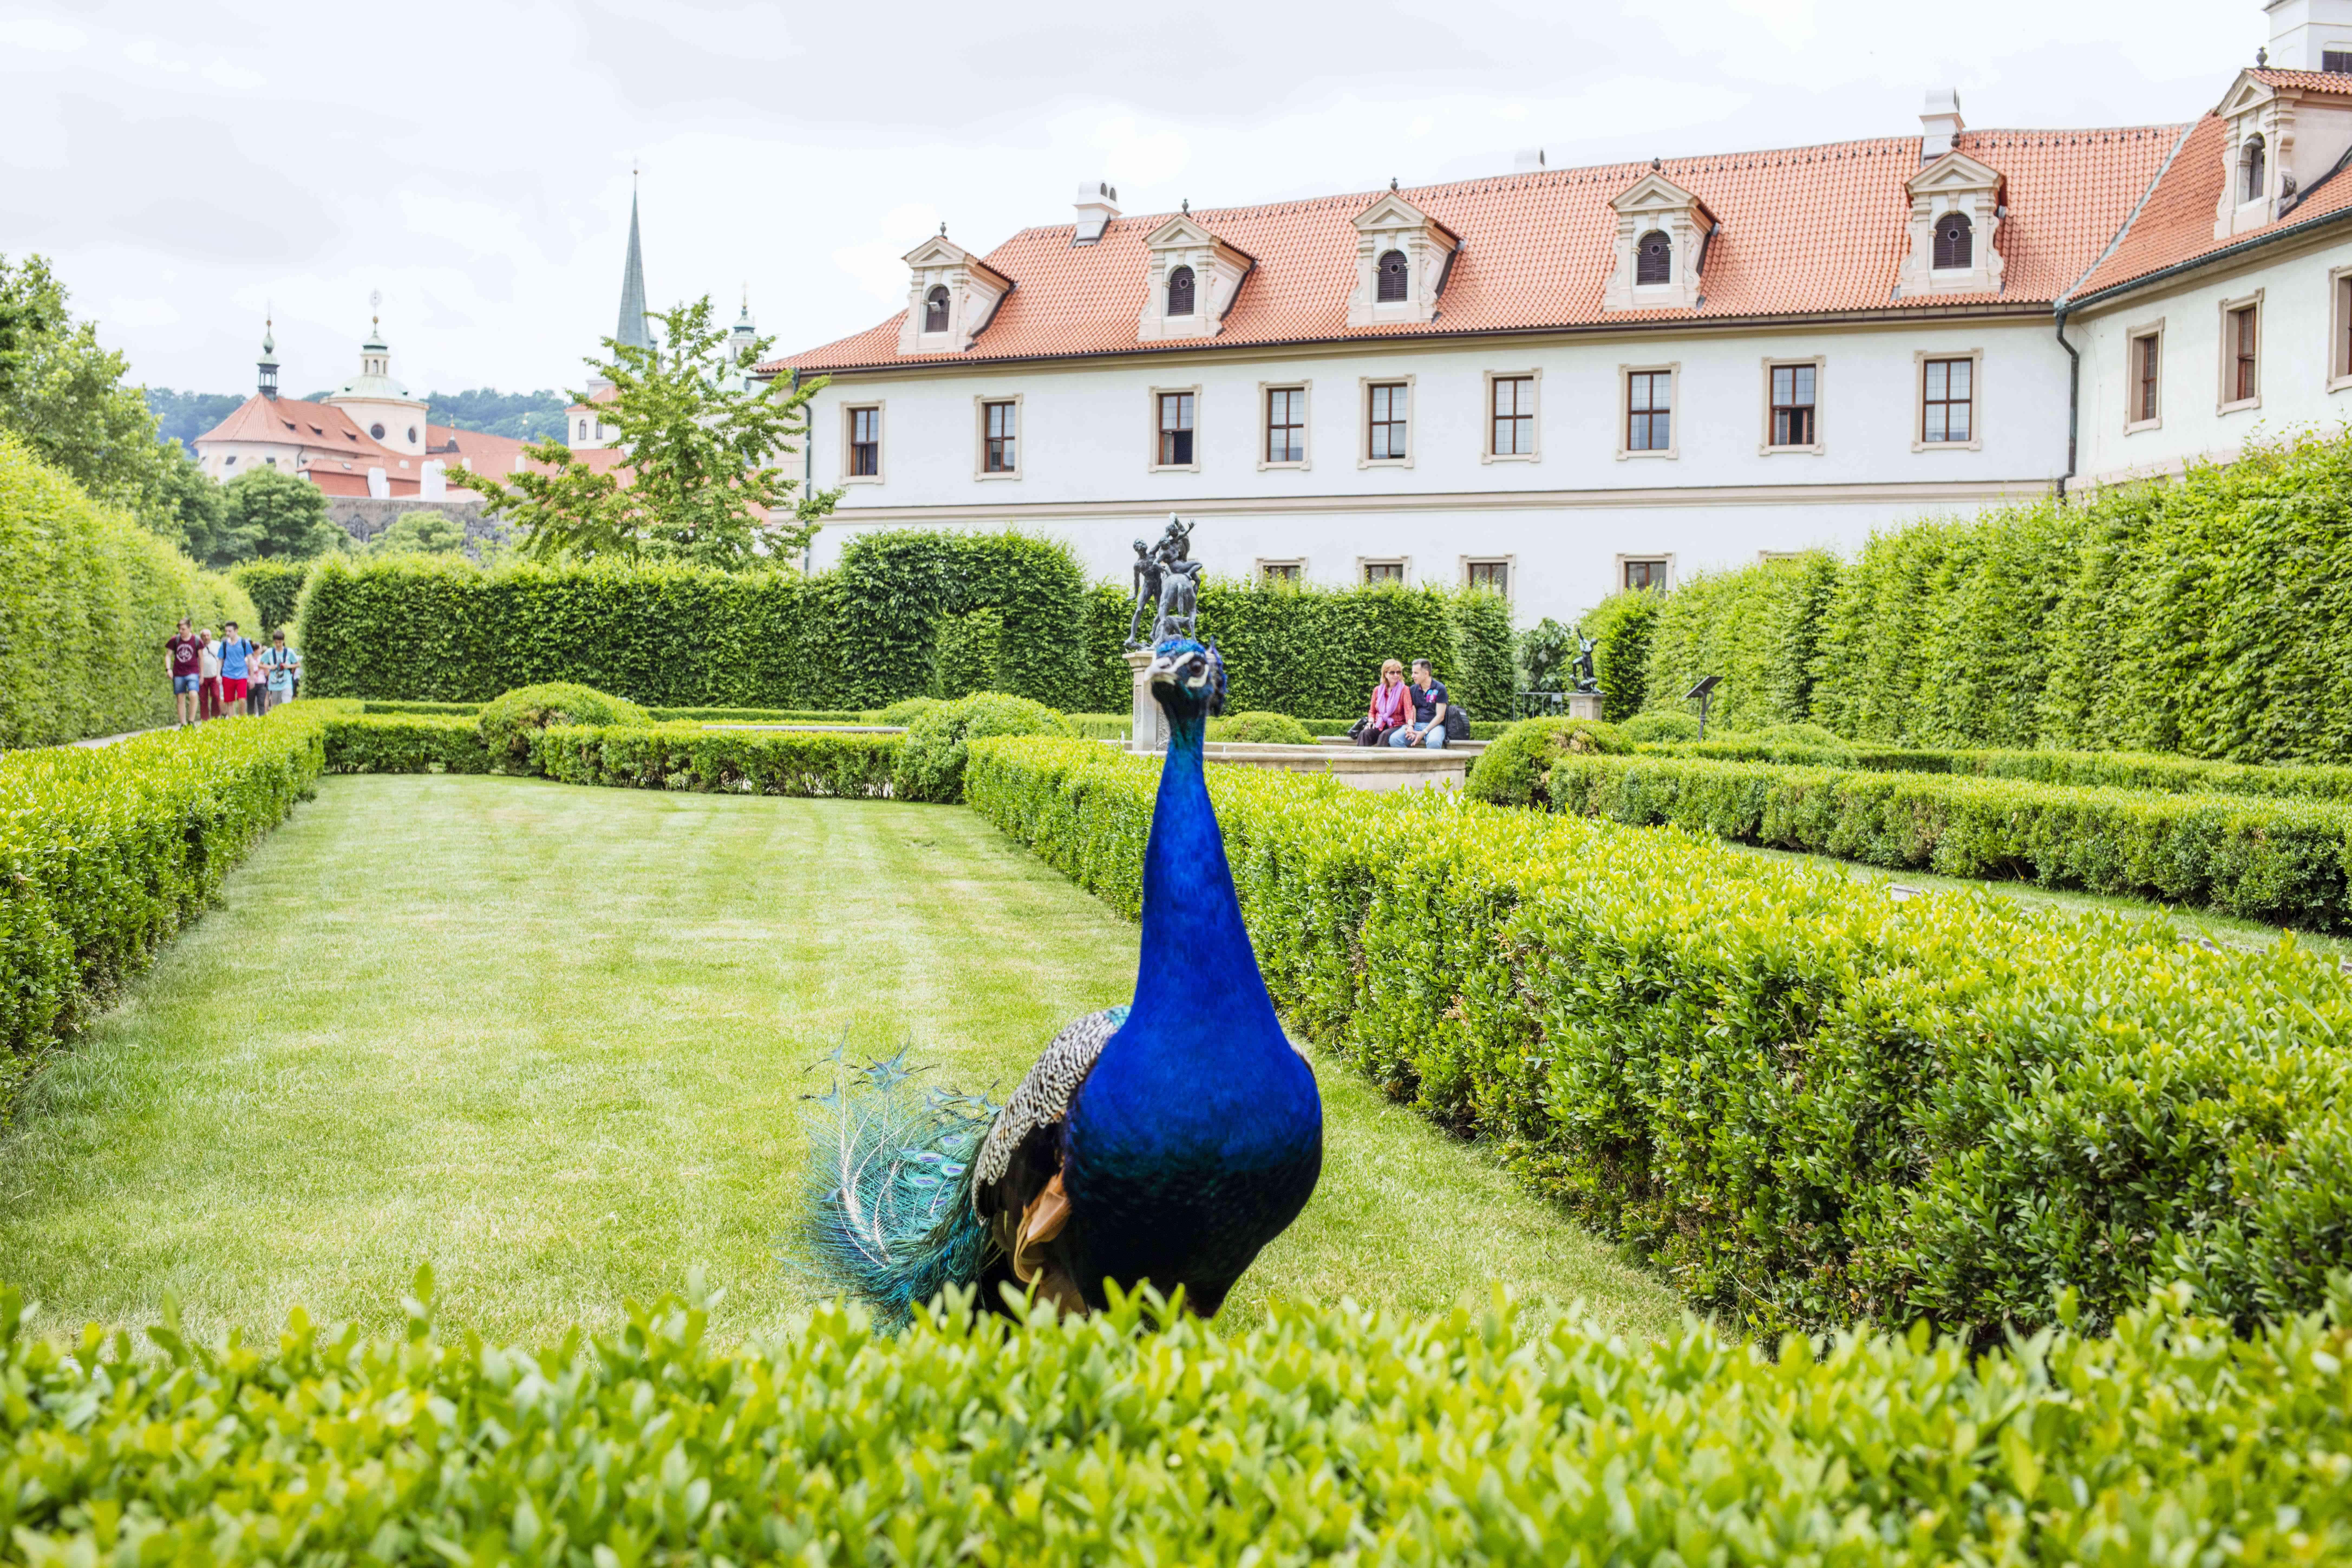 Un pavo real en el jardín Wallenstein